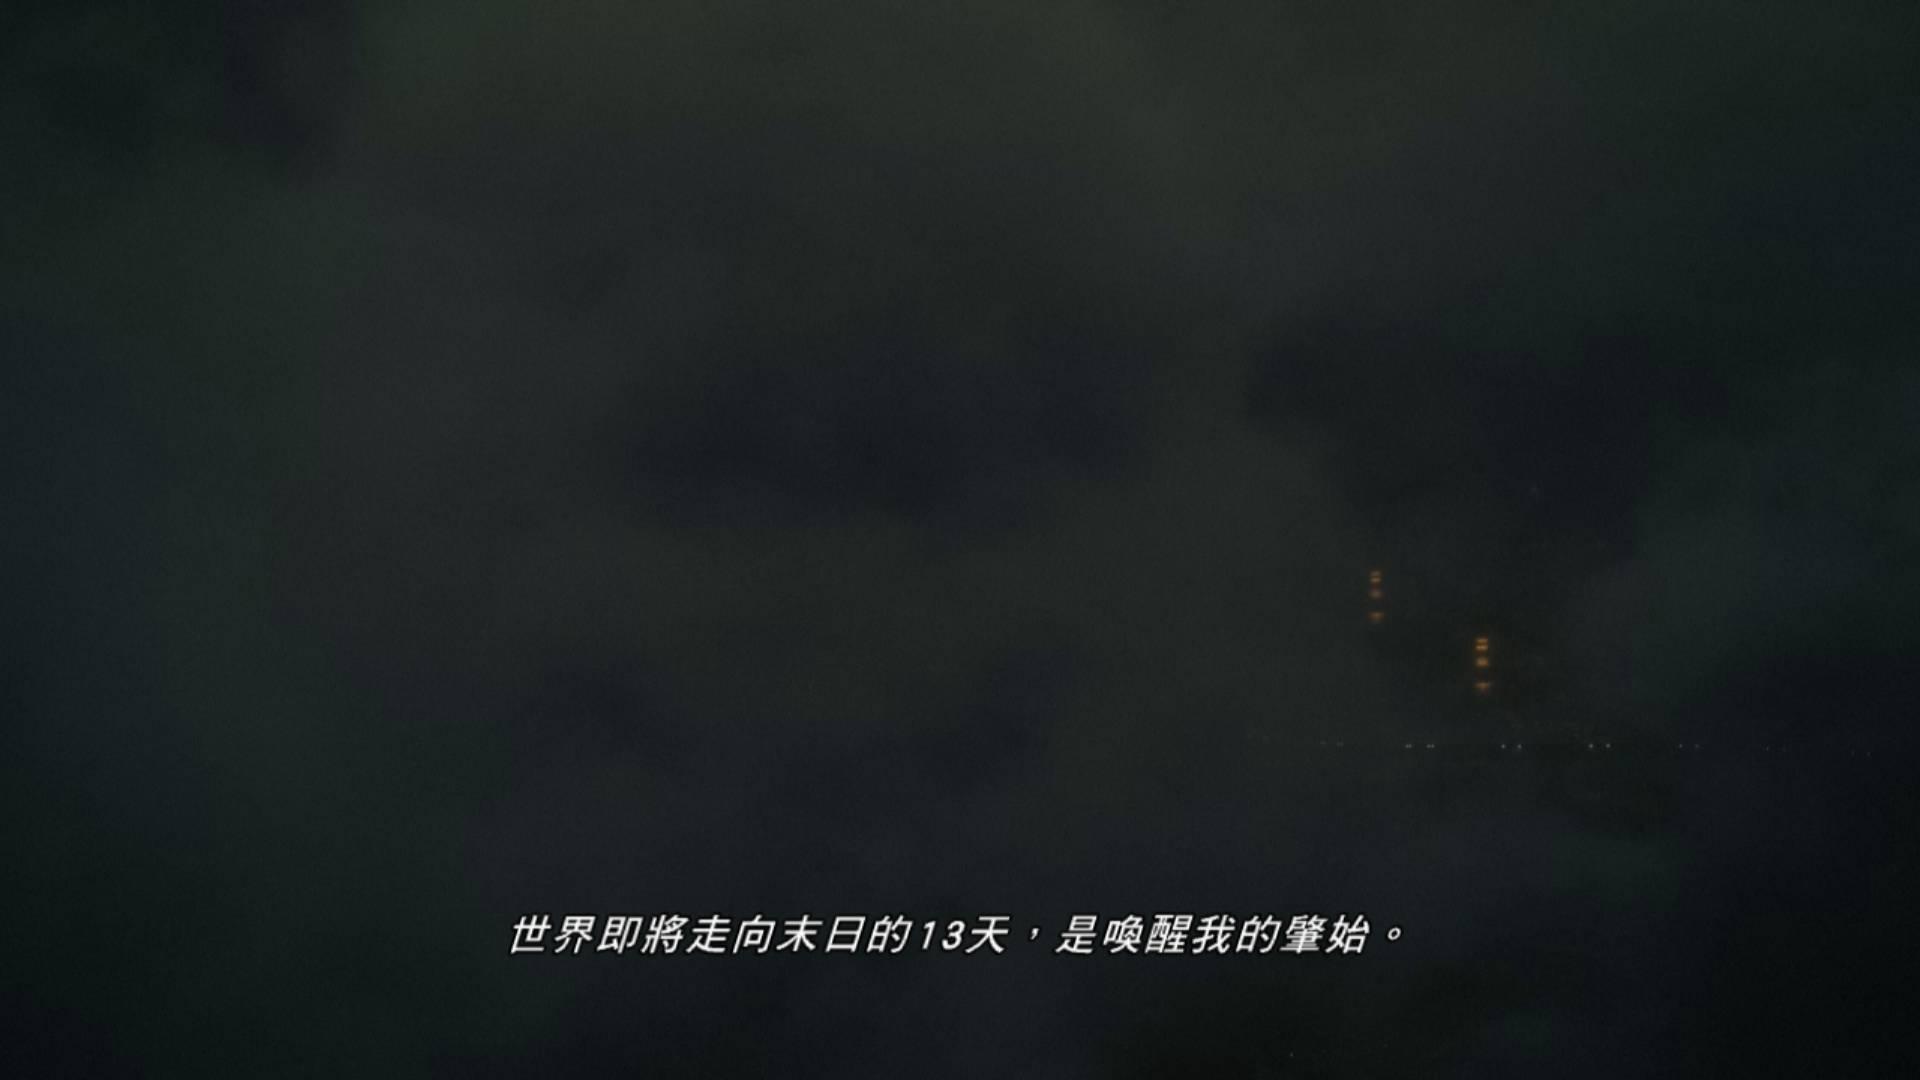 最终幻想13-3/LIGHTNING RETURNS: FINAL FANTASY XIII/最终幻想13:雷霆归来插图3